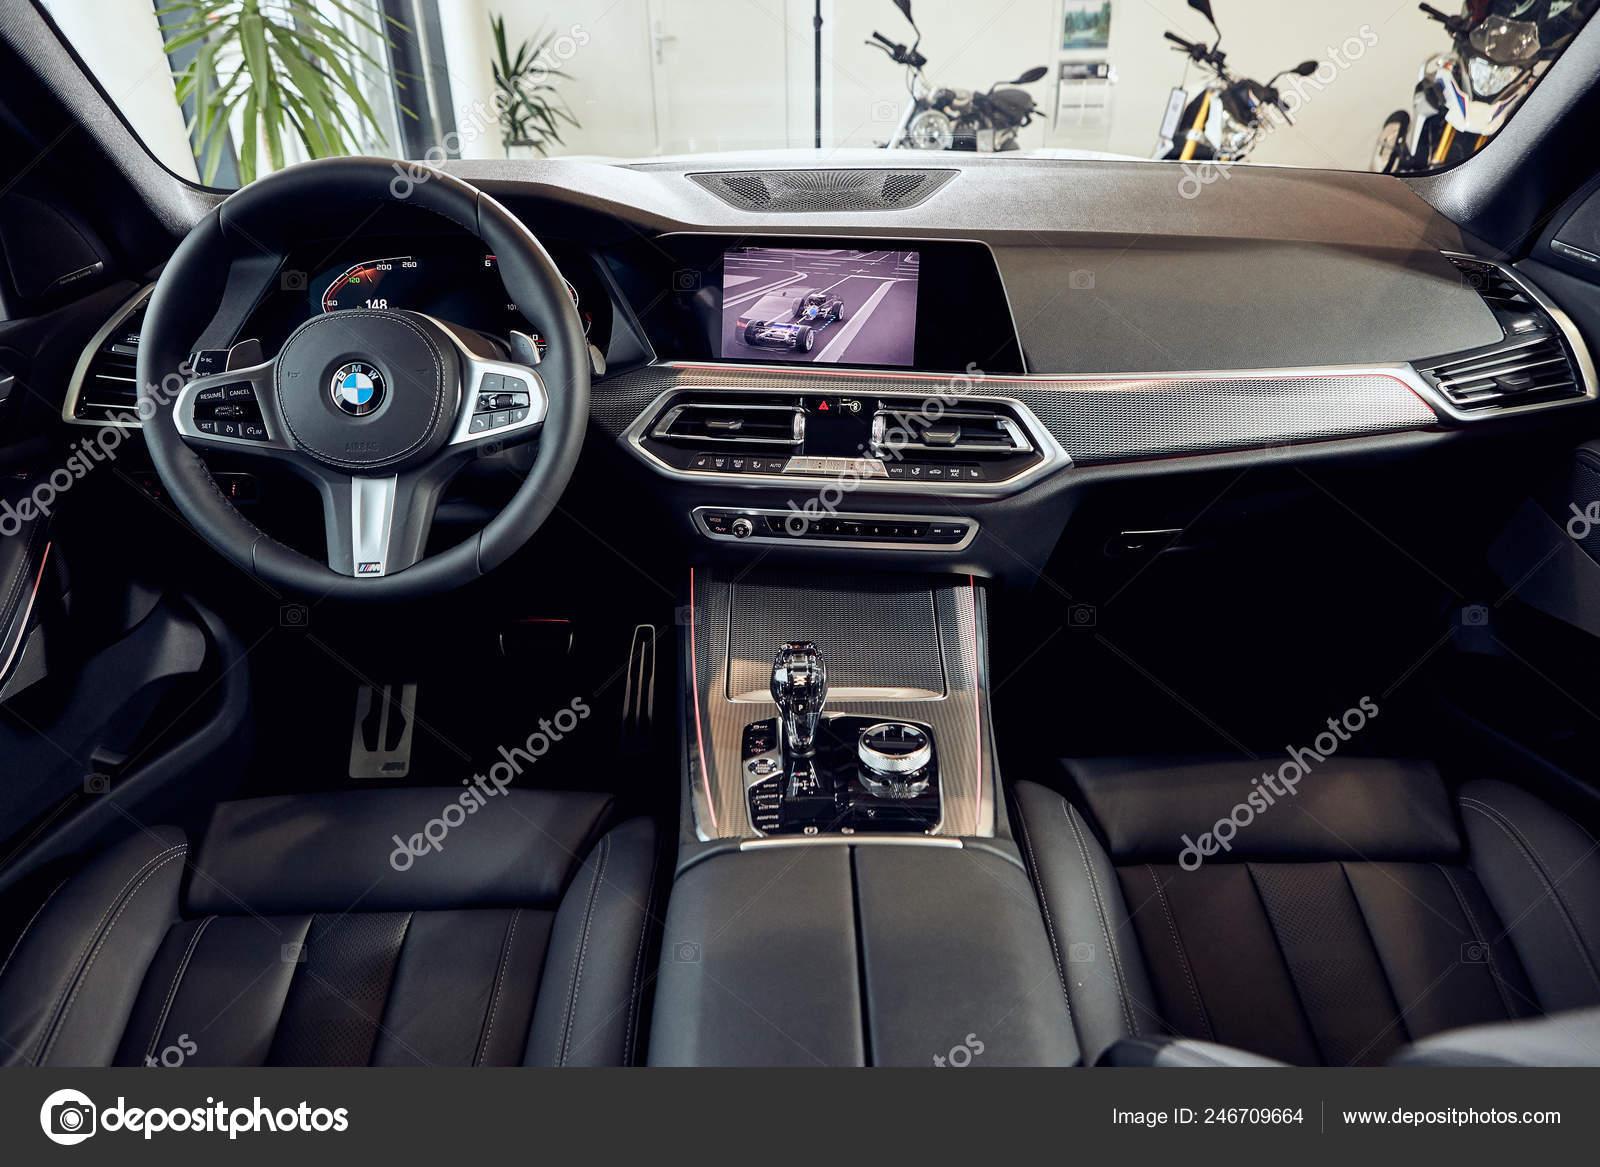 Fabruary 2018 Vinnitsa Ucrania Nova Apresentacao Carro Bmw Showroom Interior Fotografia De Stock Editorial C Bondvit 246709664